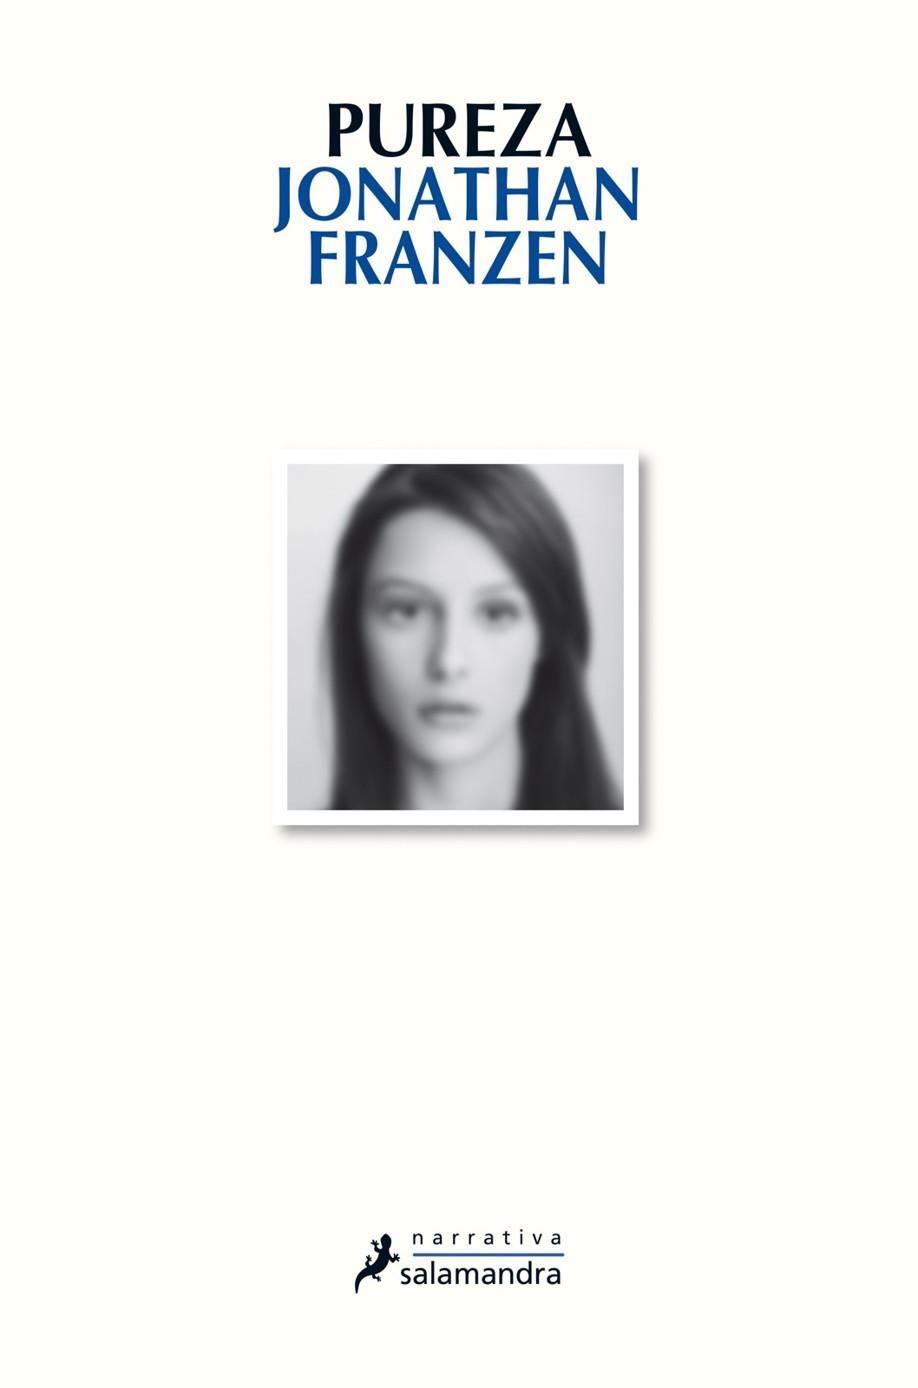 Pureza – Jonathan Franzen